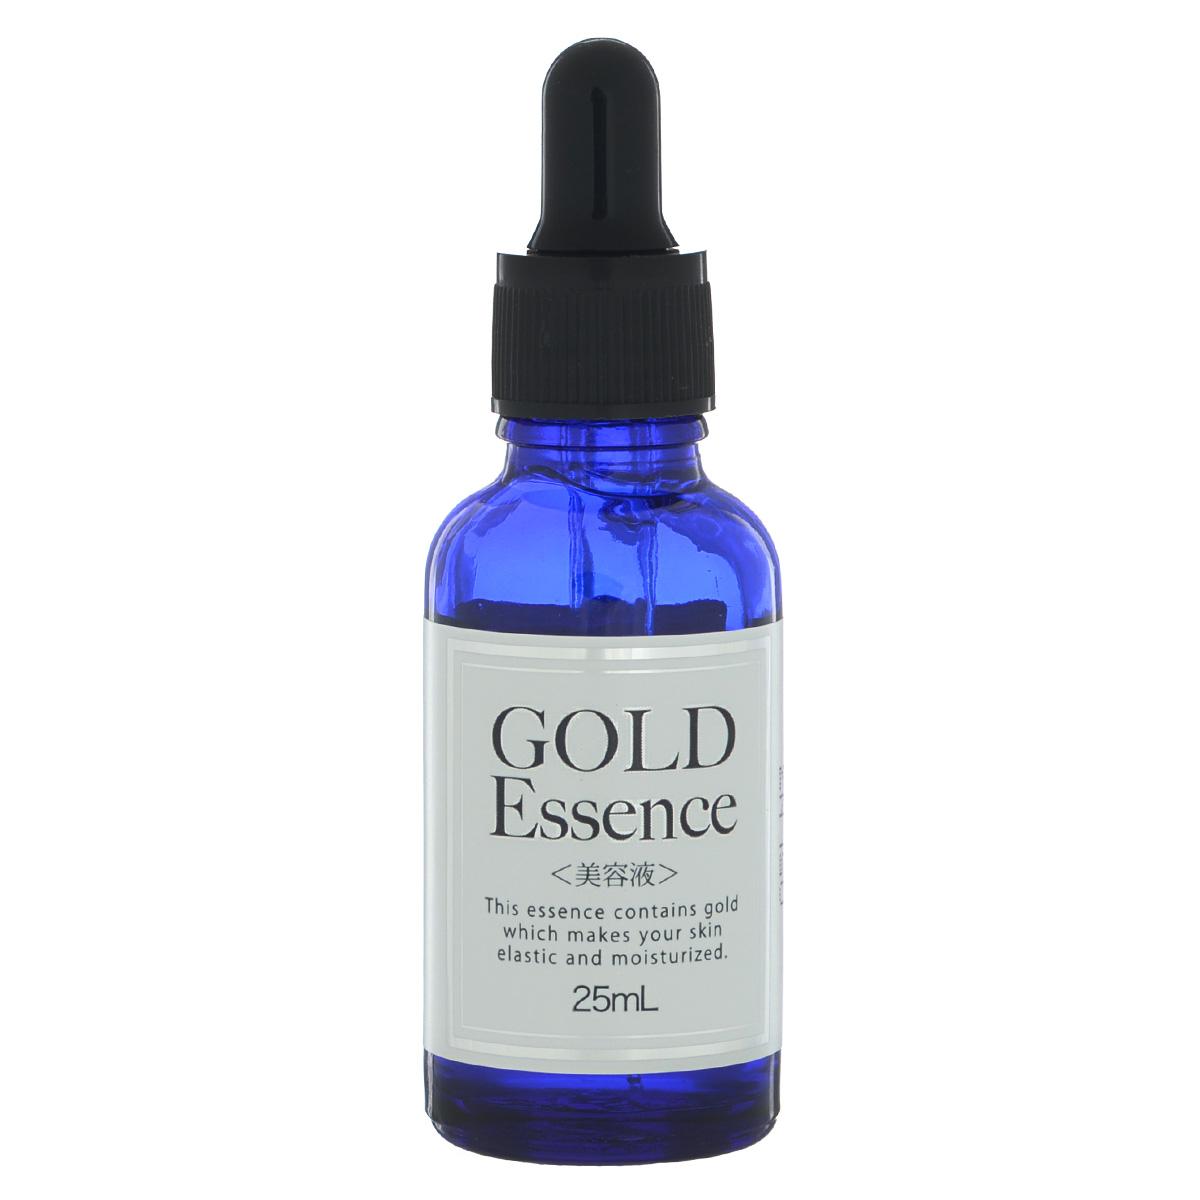 Japan Gals Сыворотка с золотым составом Pure beau essence 25 млFS-00103Золото, являясь лучшим проводником, встраивается между клетками и возобновляет нарушенные обменные процессы в коже. Улучшается клеточное дыхание и поставка питательных веществ в каждую клеточку, выводятся токсины.АрбутинАрбутин блокирует в коже синтез пигмента меланина, отбеливает пигментные пятна,борется с нежелательной пигментацией и смягчает кожу.Витамин СВосстанавливает кожу от повреждений, вызванных ультрафиолетовыми лучами,интенсивно стимулирует процессы обновления и омоложения в коже: выравнивает цвет лица,усиливает синтез коллагена, повышает защитные функции кожи.Гиалуроновая кислотаБлагодаря гиалуроновой кислоте кожа удерживает влагу, восстанавливая упругость.Эффект: подтягивает кожу и оказывает омолаживающее действие.СПОСОБ ПРИМЕНЕНИЯ: Сыворотка наносится на чистое лицо, после умывания. С помощью пипетки выдавите необходимое количество сыворотки на руки (2-3 пипетки на одно применение) и нанесите на лицо по массажным линиям, слегка вбивая подушечками пальцев.Предупреждение: при выраженной несовместимости, прекратите использование. При появлении на коже красных пятен, опухания, зуда, раздражения прекратить использования и проконсультироваться с врачом.После открытия упаковки использовать в течение 60 дней.Хранение: хранить в прохладном и темном месте при температуре не выше 25 градусов.Состав: Вода, бутилен гликоль, DPG, гиалуроновая кислота, а-арубутин, золото , аскорбил фосфат Mg, гидроксиэтилцеллюлоза, ксантановая камедь, каприлилгликоль, феноксиэтанол, лимонная кислота Na, лимонная кислота.